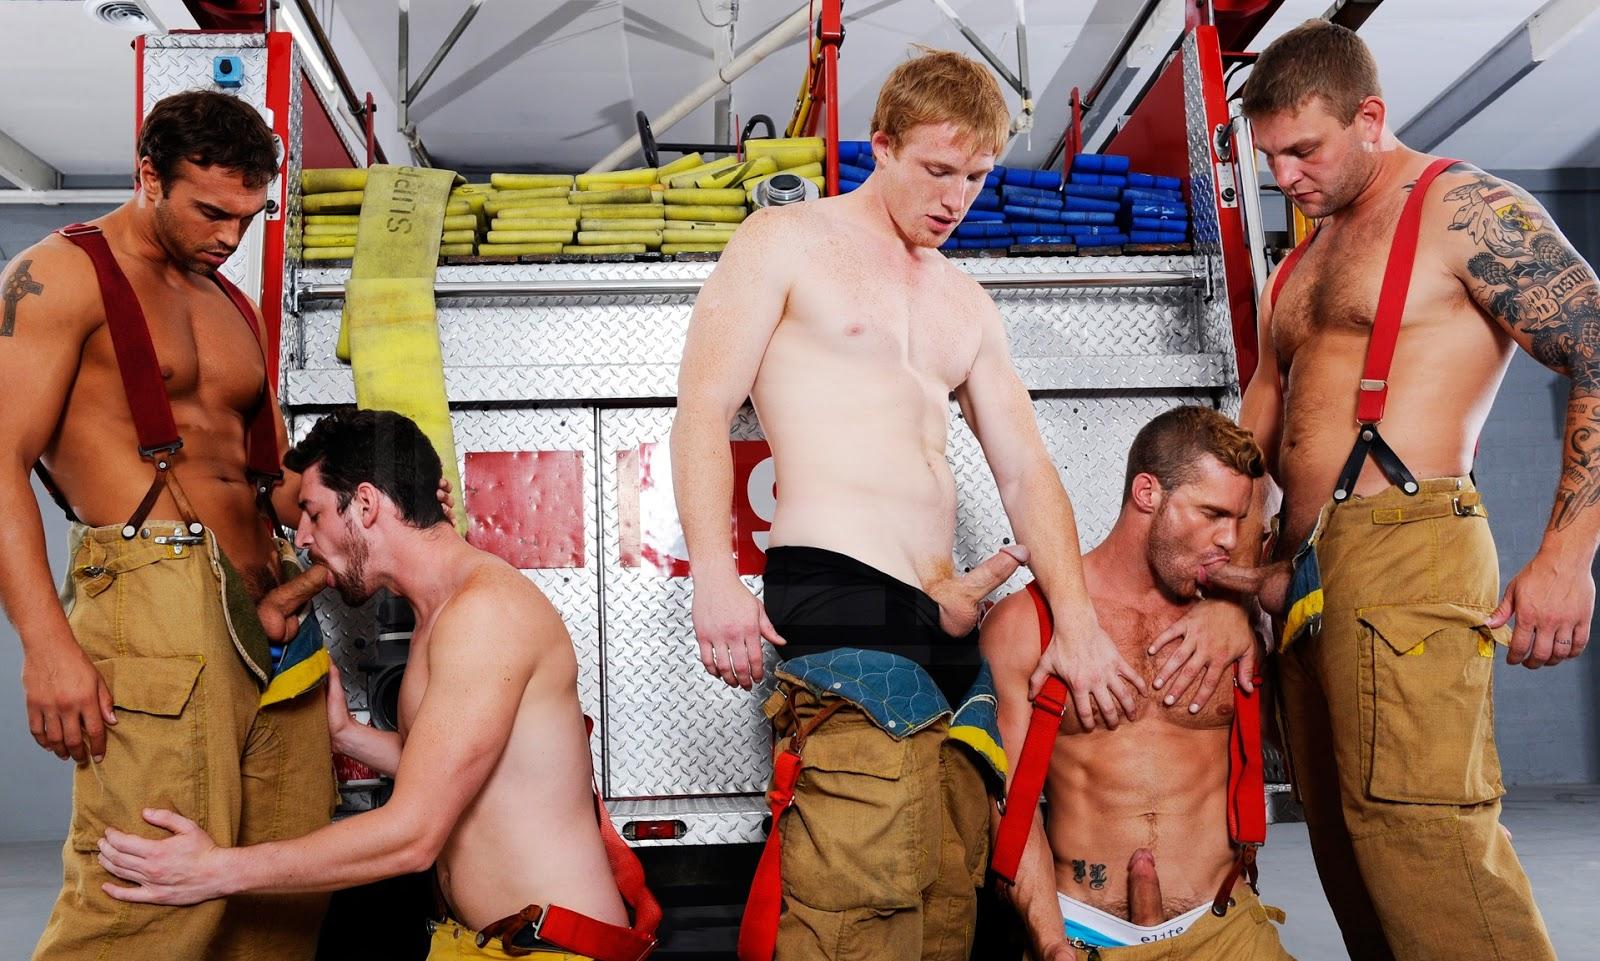 Firefighter Fireman Gay Porn